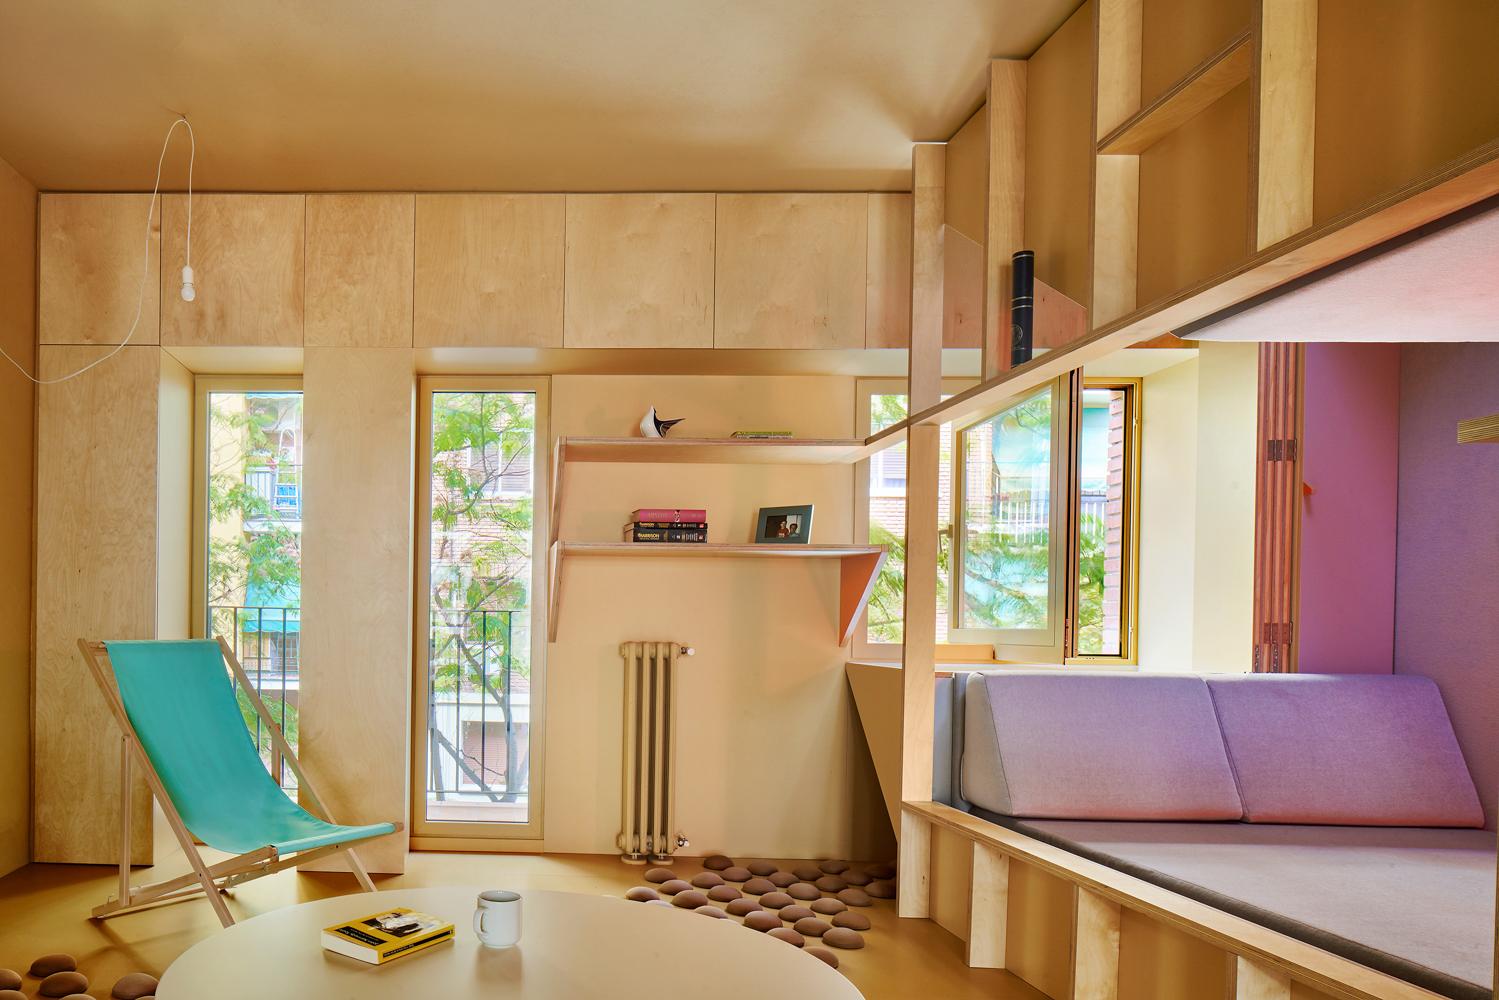 Madrid apartment design